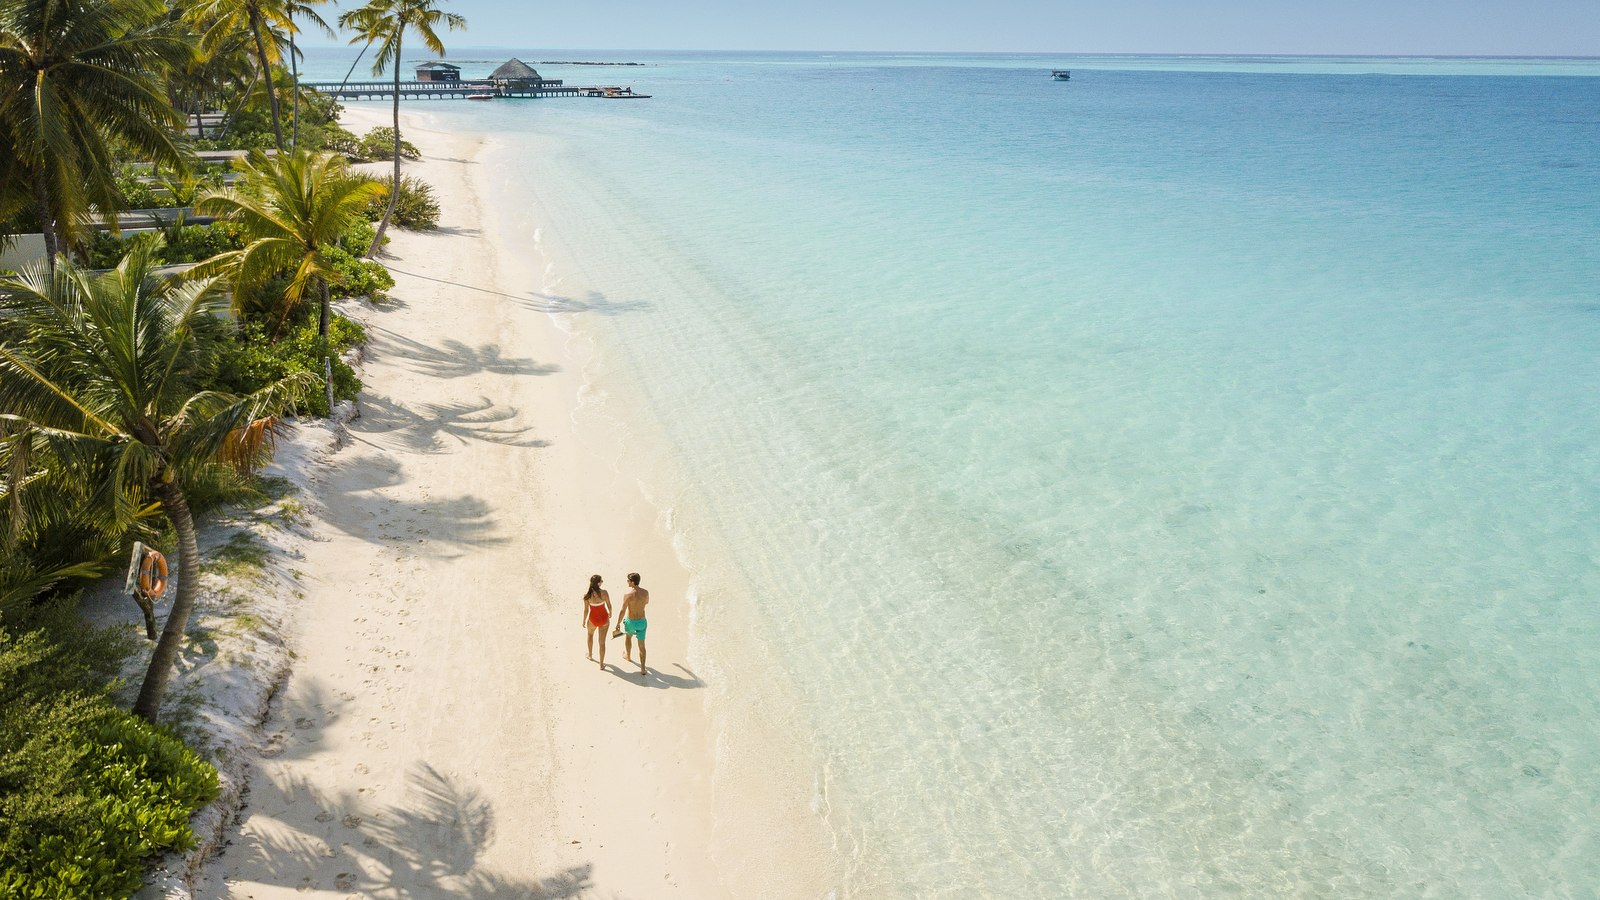 Мальдивы, отель Fairmont Maldives Sirru Fen Fushi, пляж